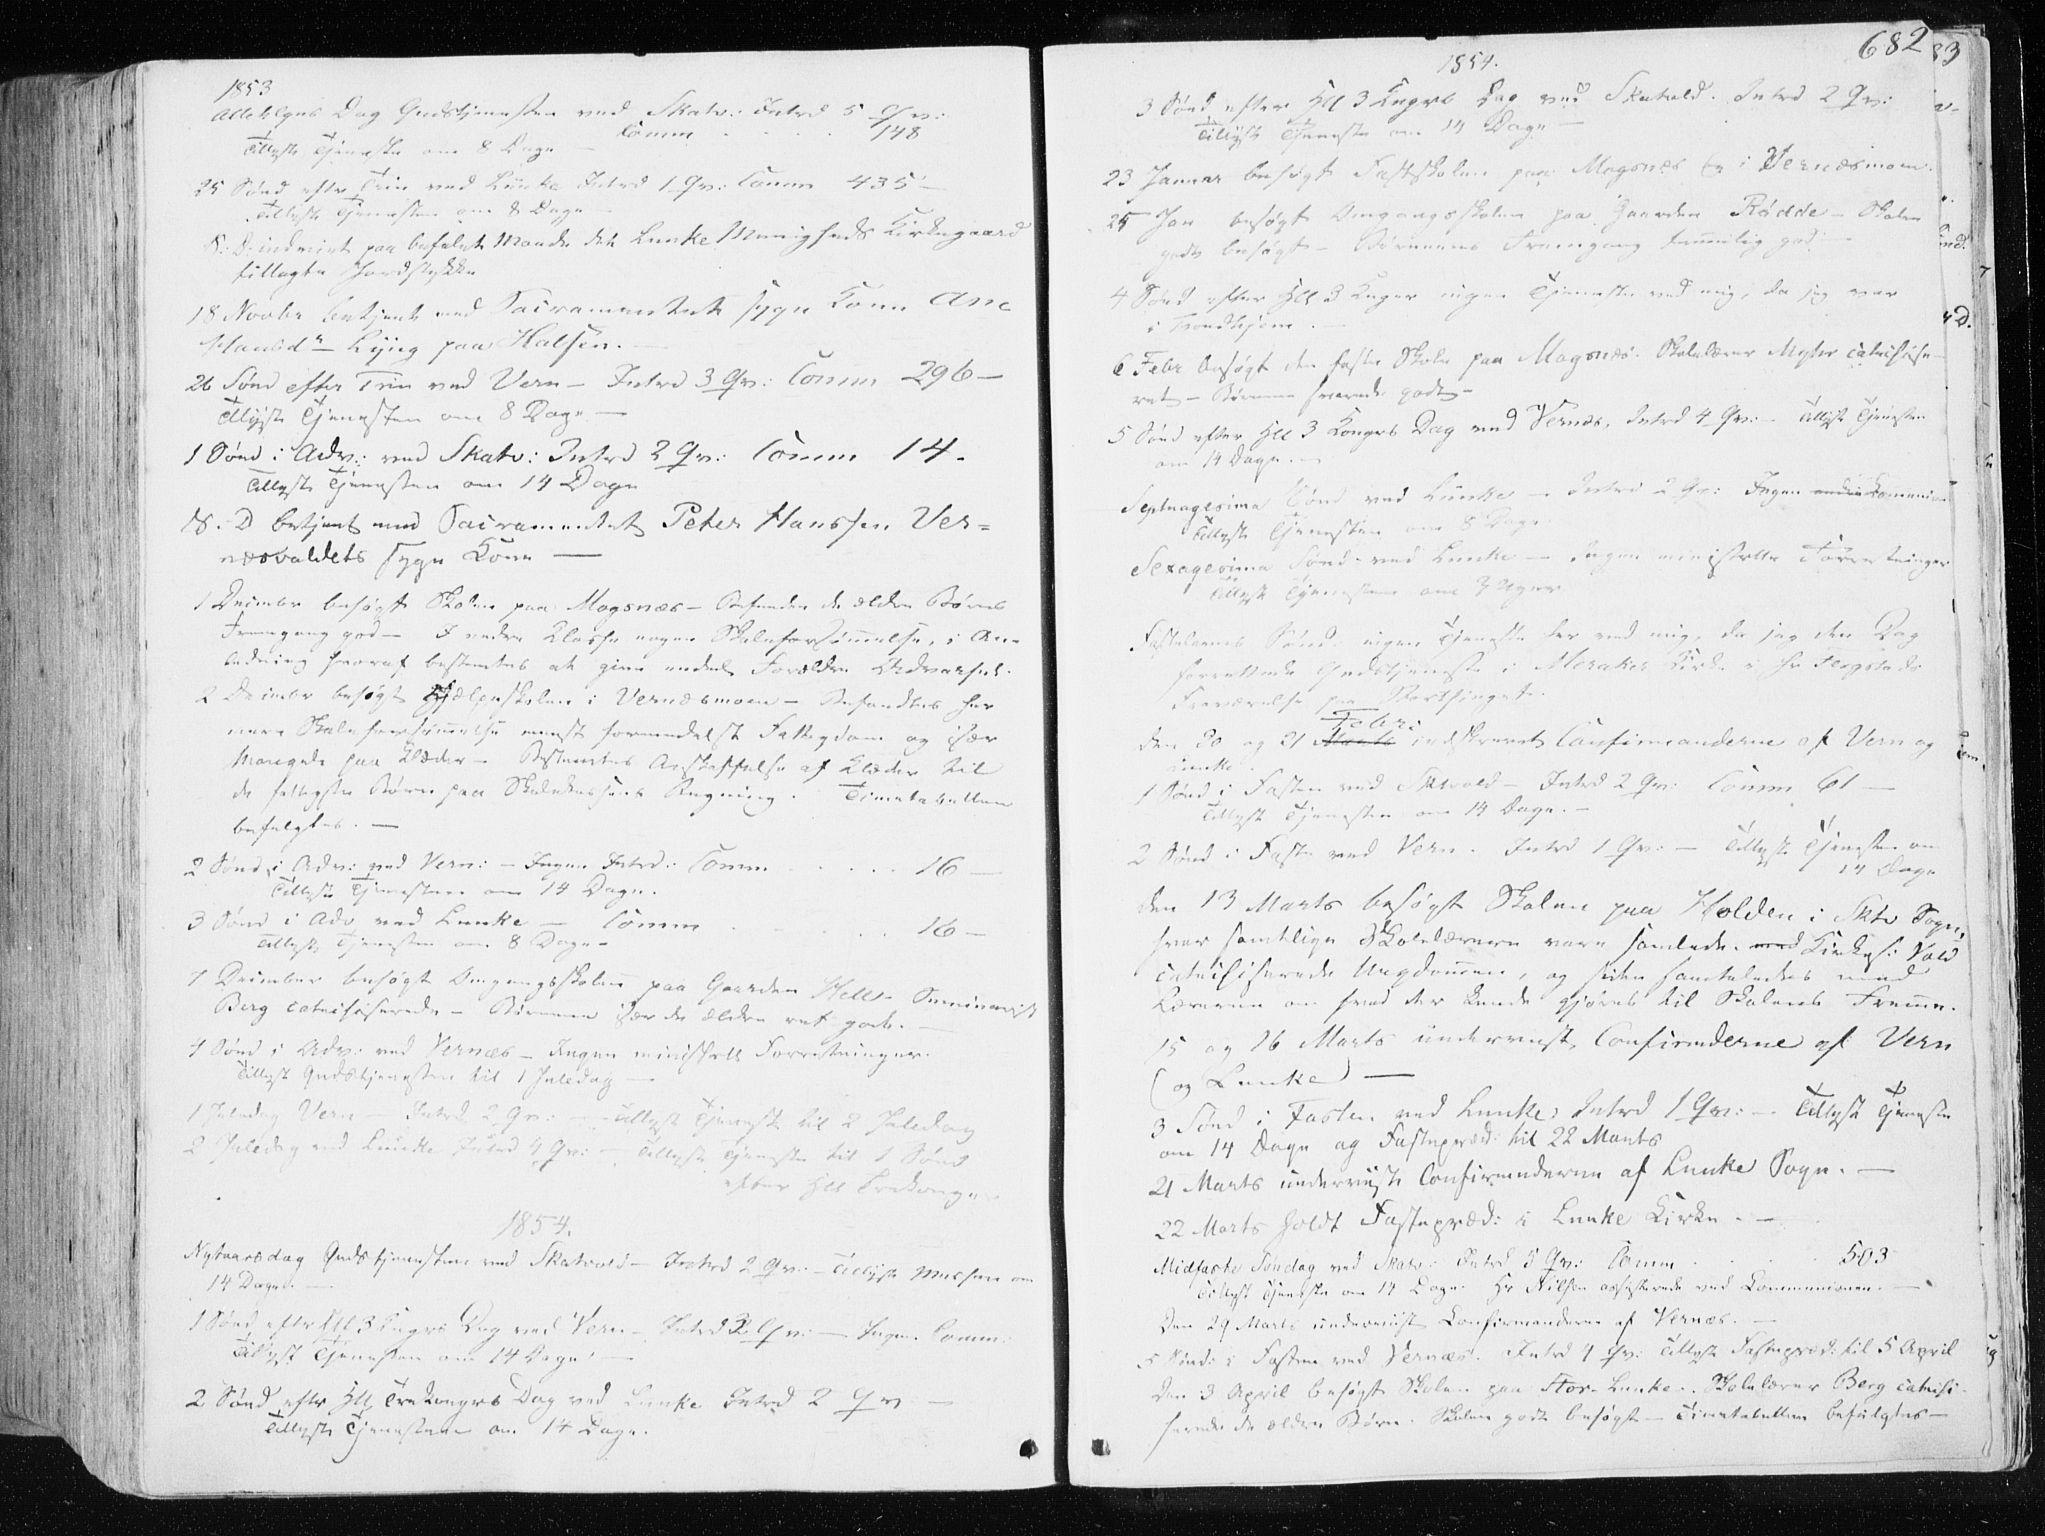 SAT, Ministerialprotokoller, klokkerbøker og fødselsregistre - Nord-Trøndelag, 709/L0074: Ministerialbok nr. 709A14, 1845-1858, s. 682